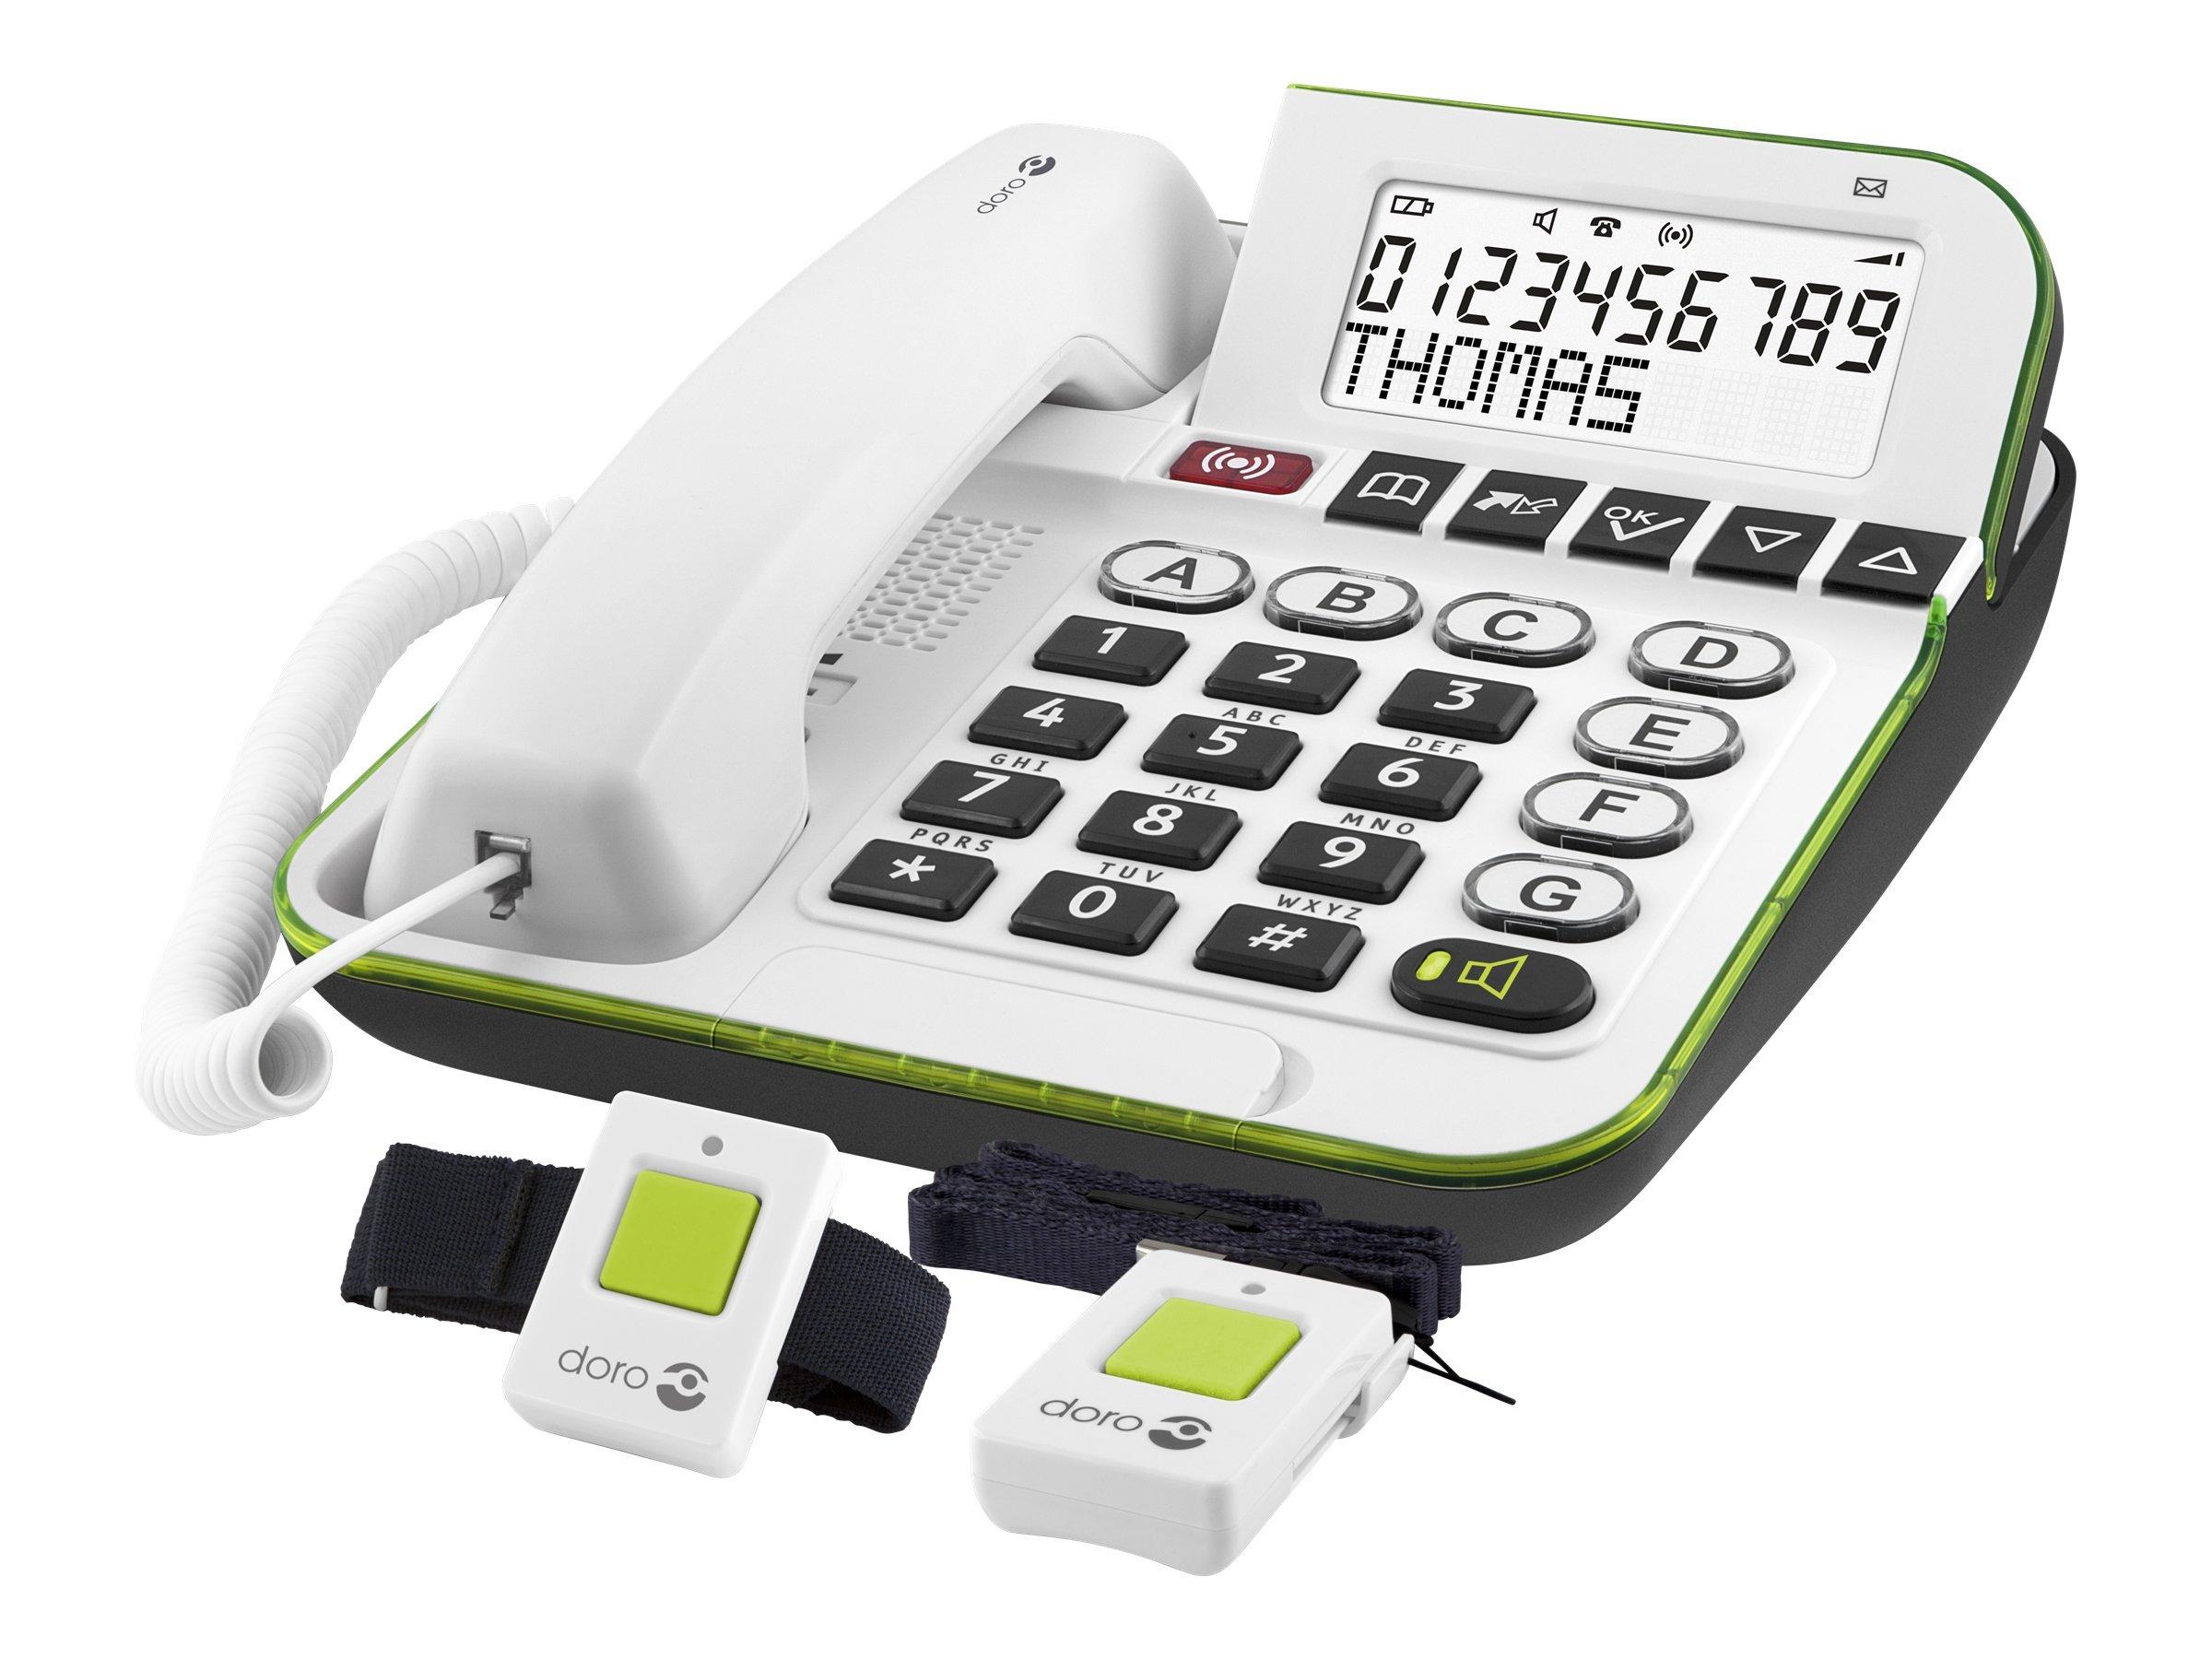 Doro CarePlus 350c - Telefon mit Schnur mit Rufnummernanzeige